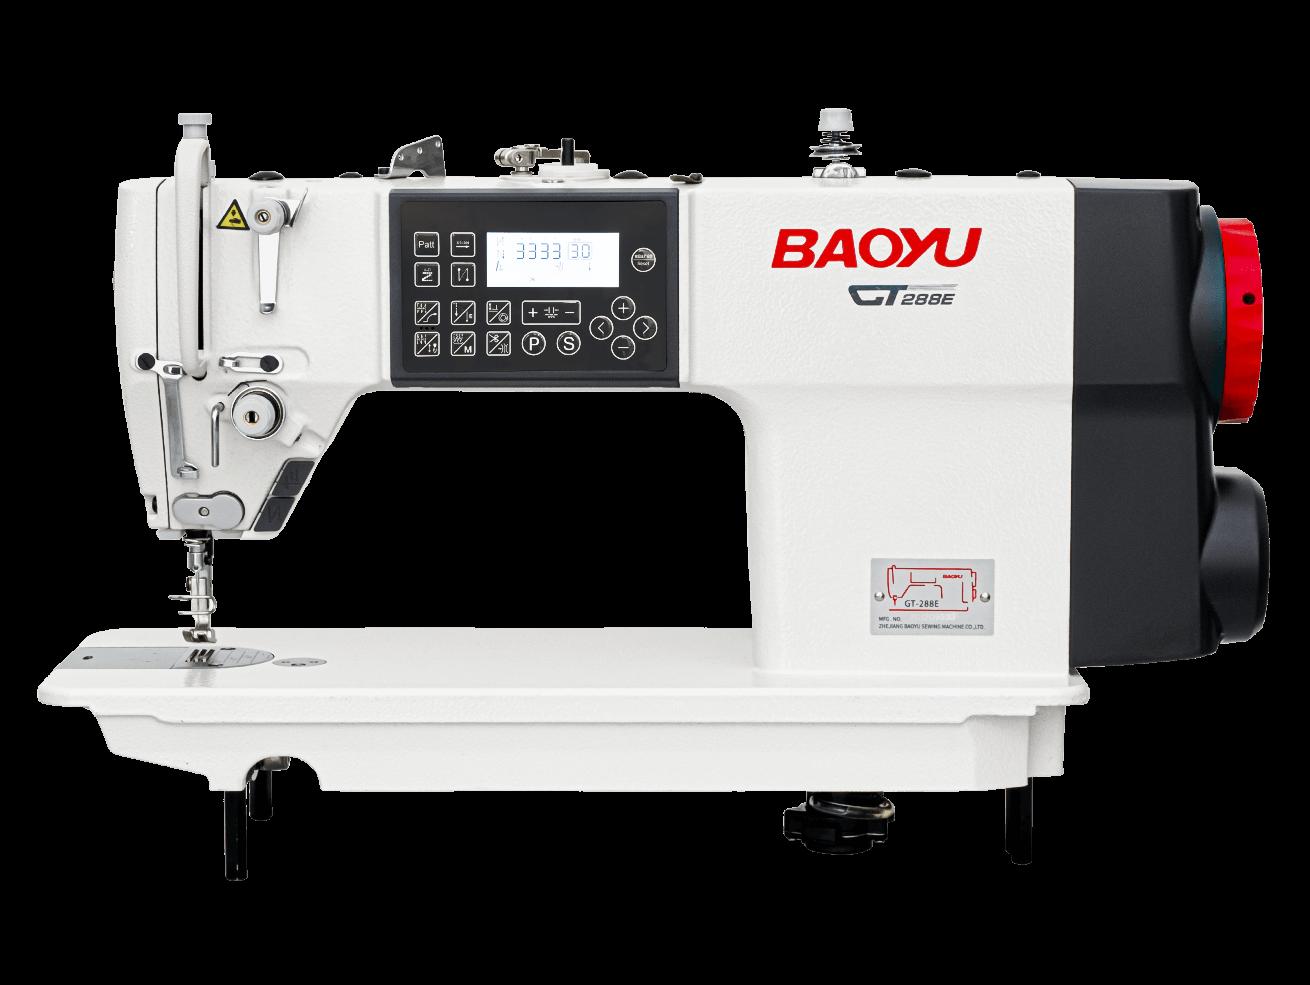 Классификация швейных машин Baoyu GT-288E